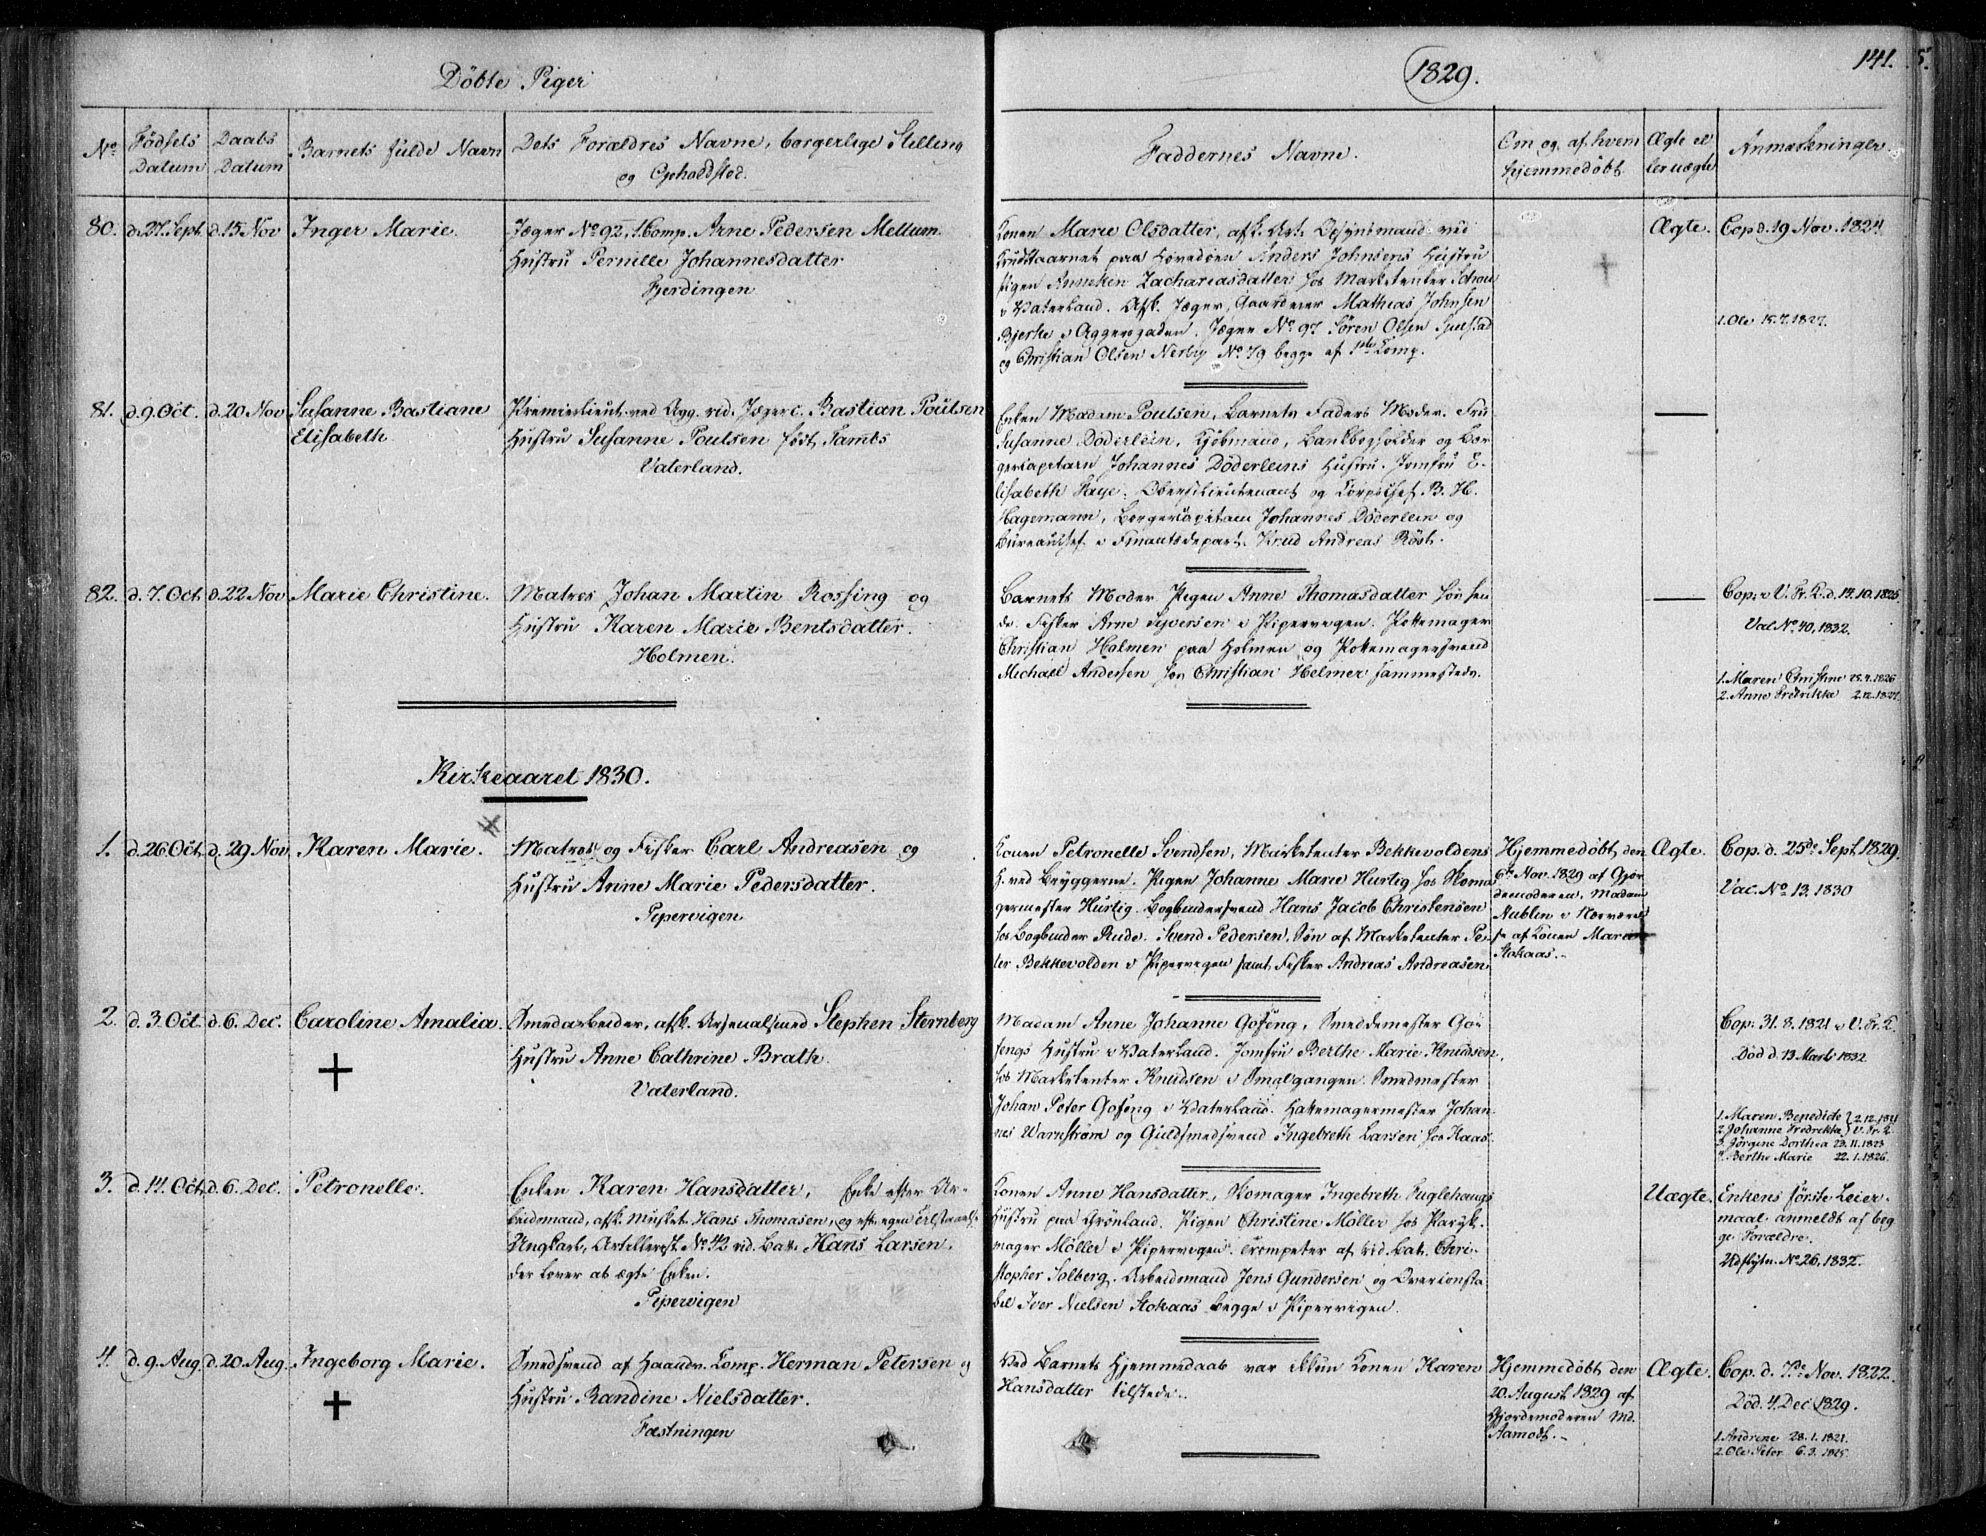 SAO, Garnisonsmenigheten Kirkebøker, F/Fa/L0006: Ministerialbok nr. 6, 1828-1841, s. 141